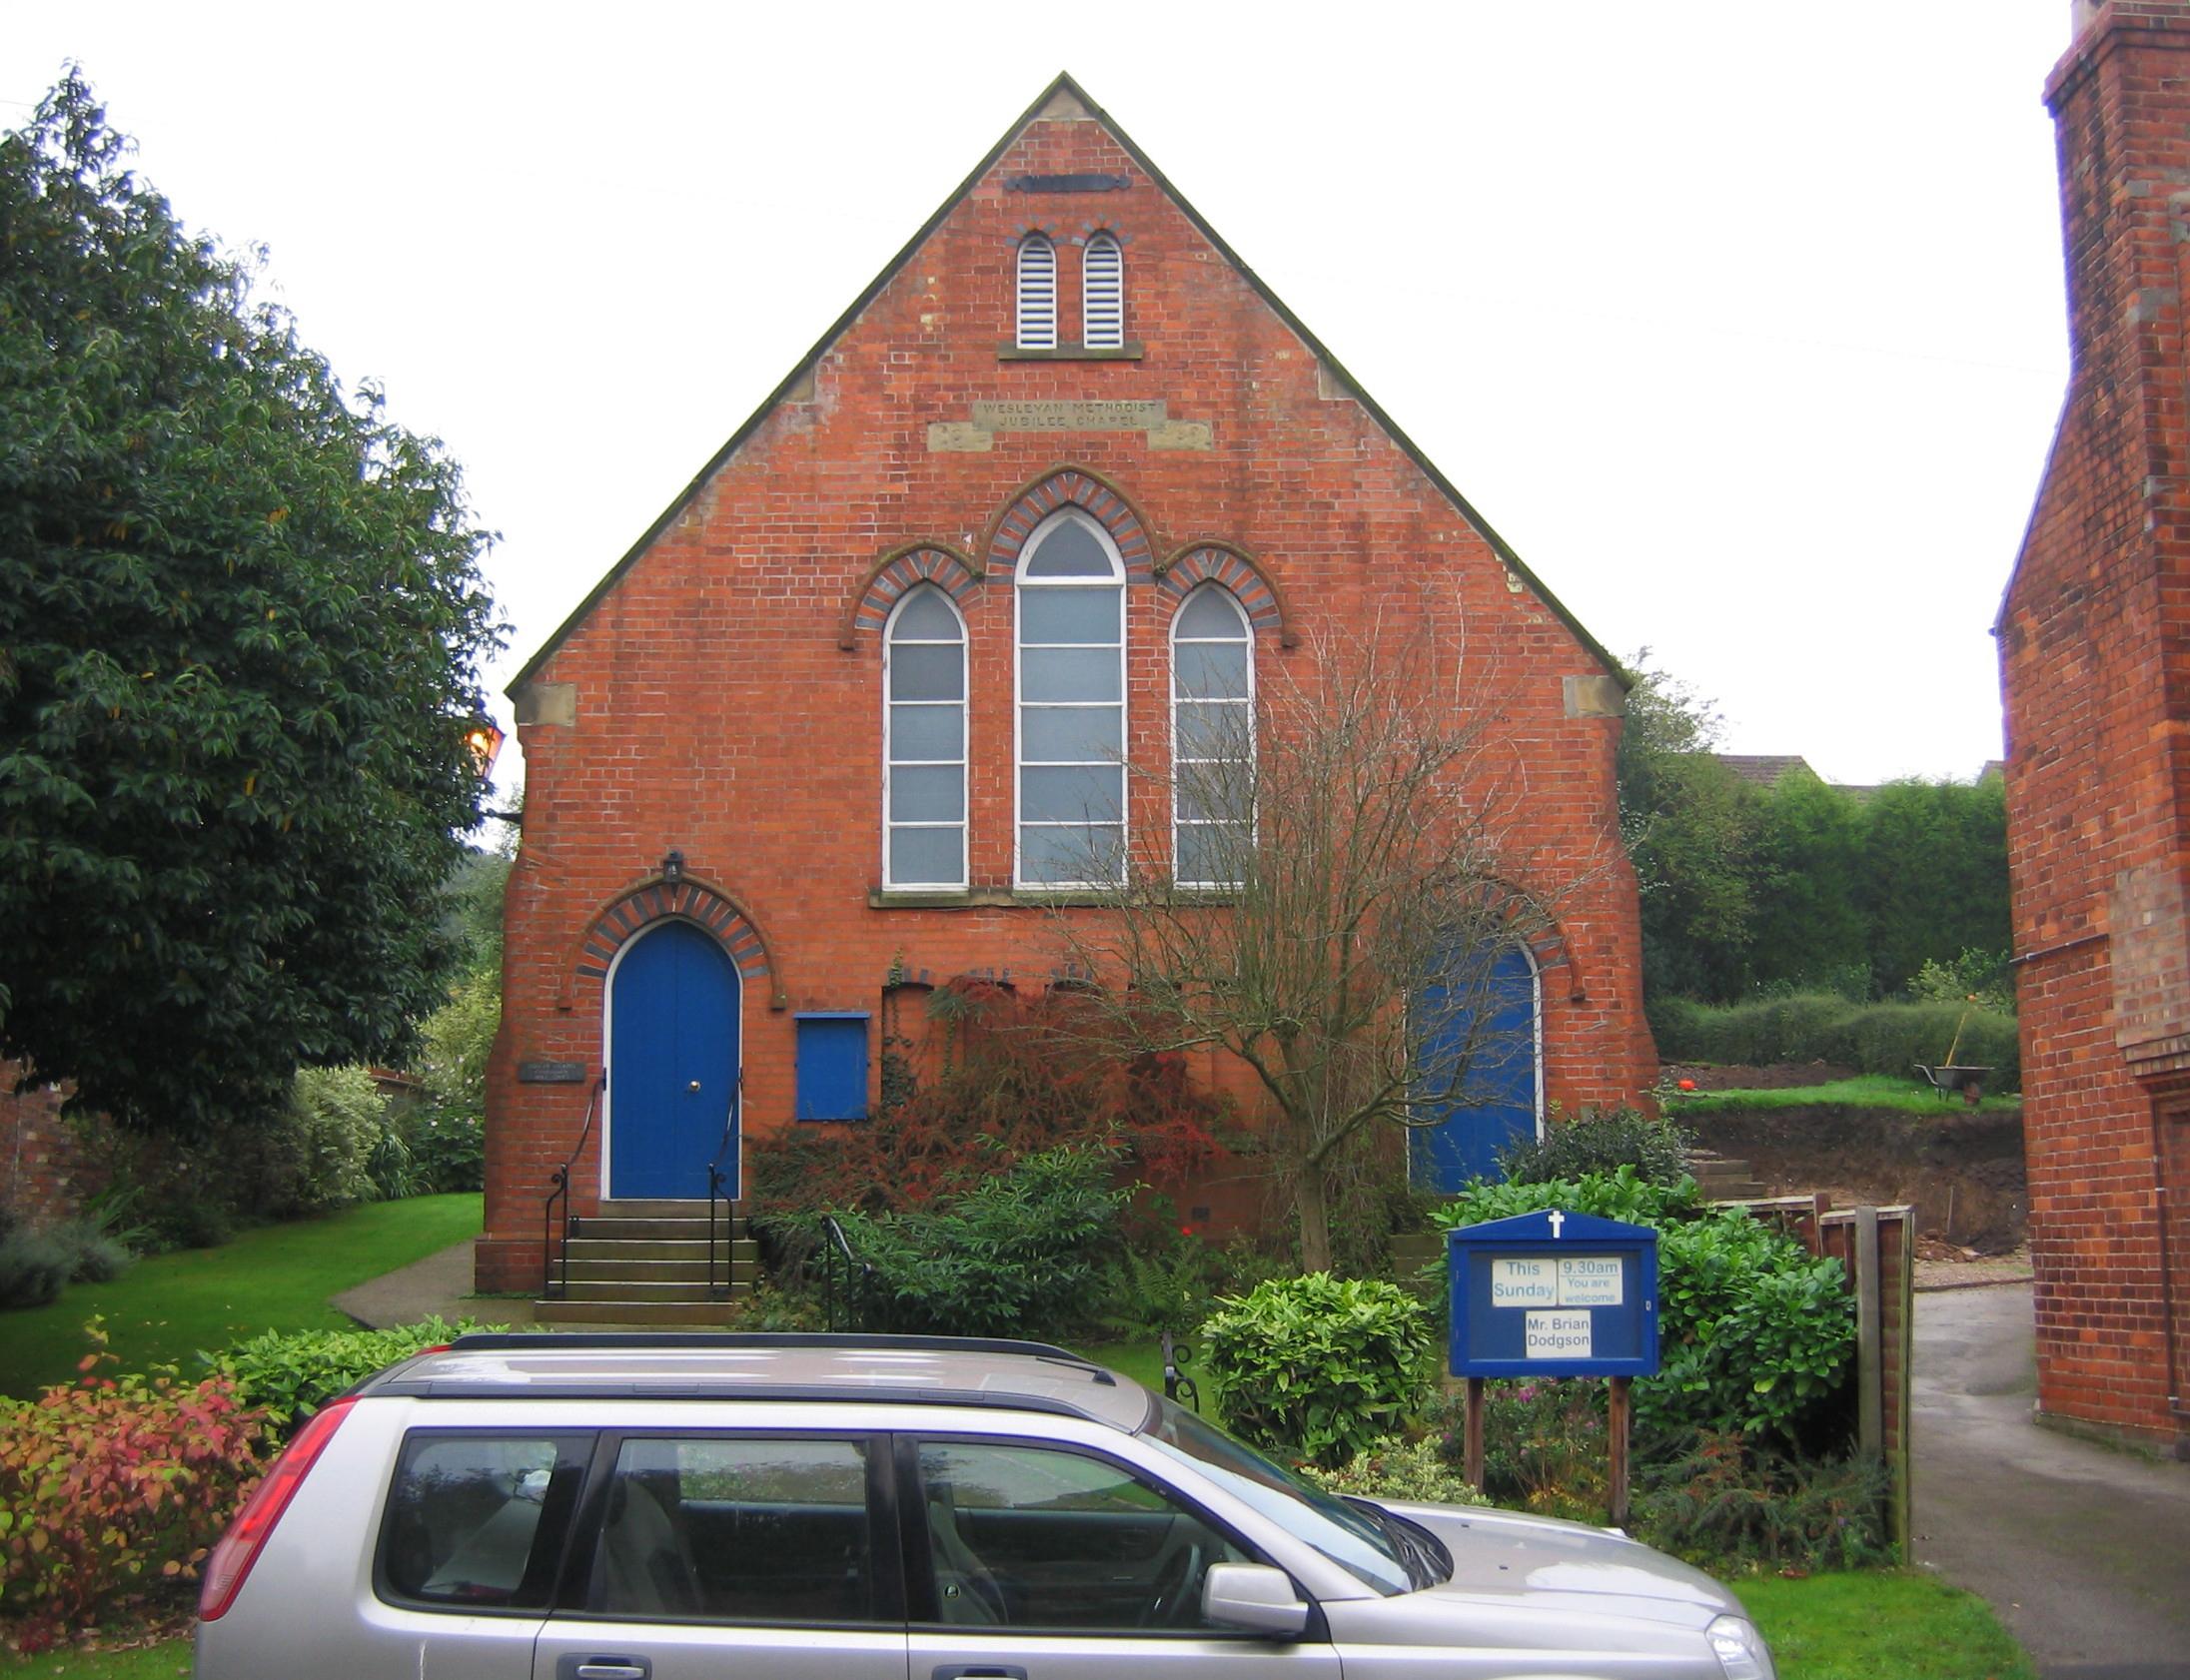 Previous Chapel Access